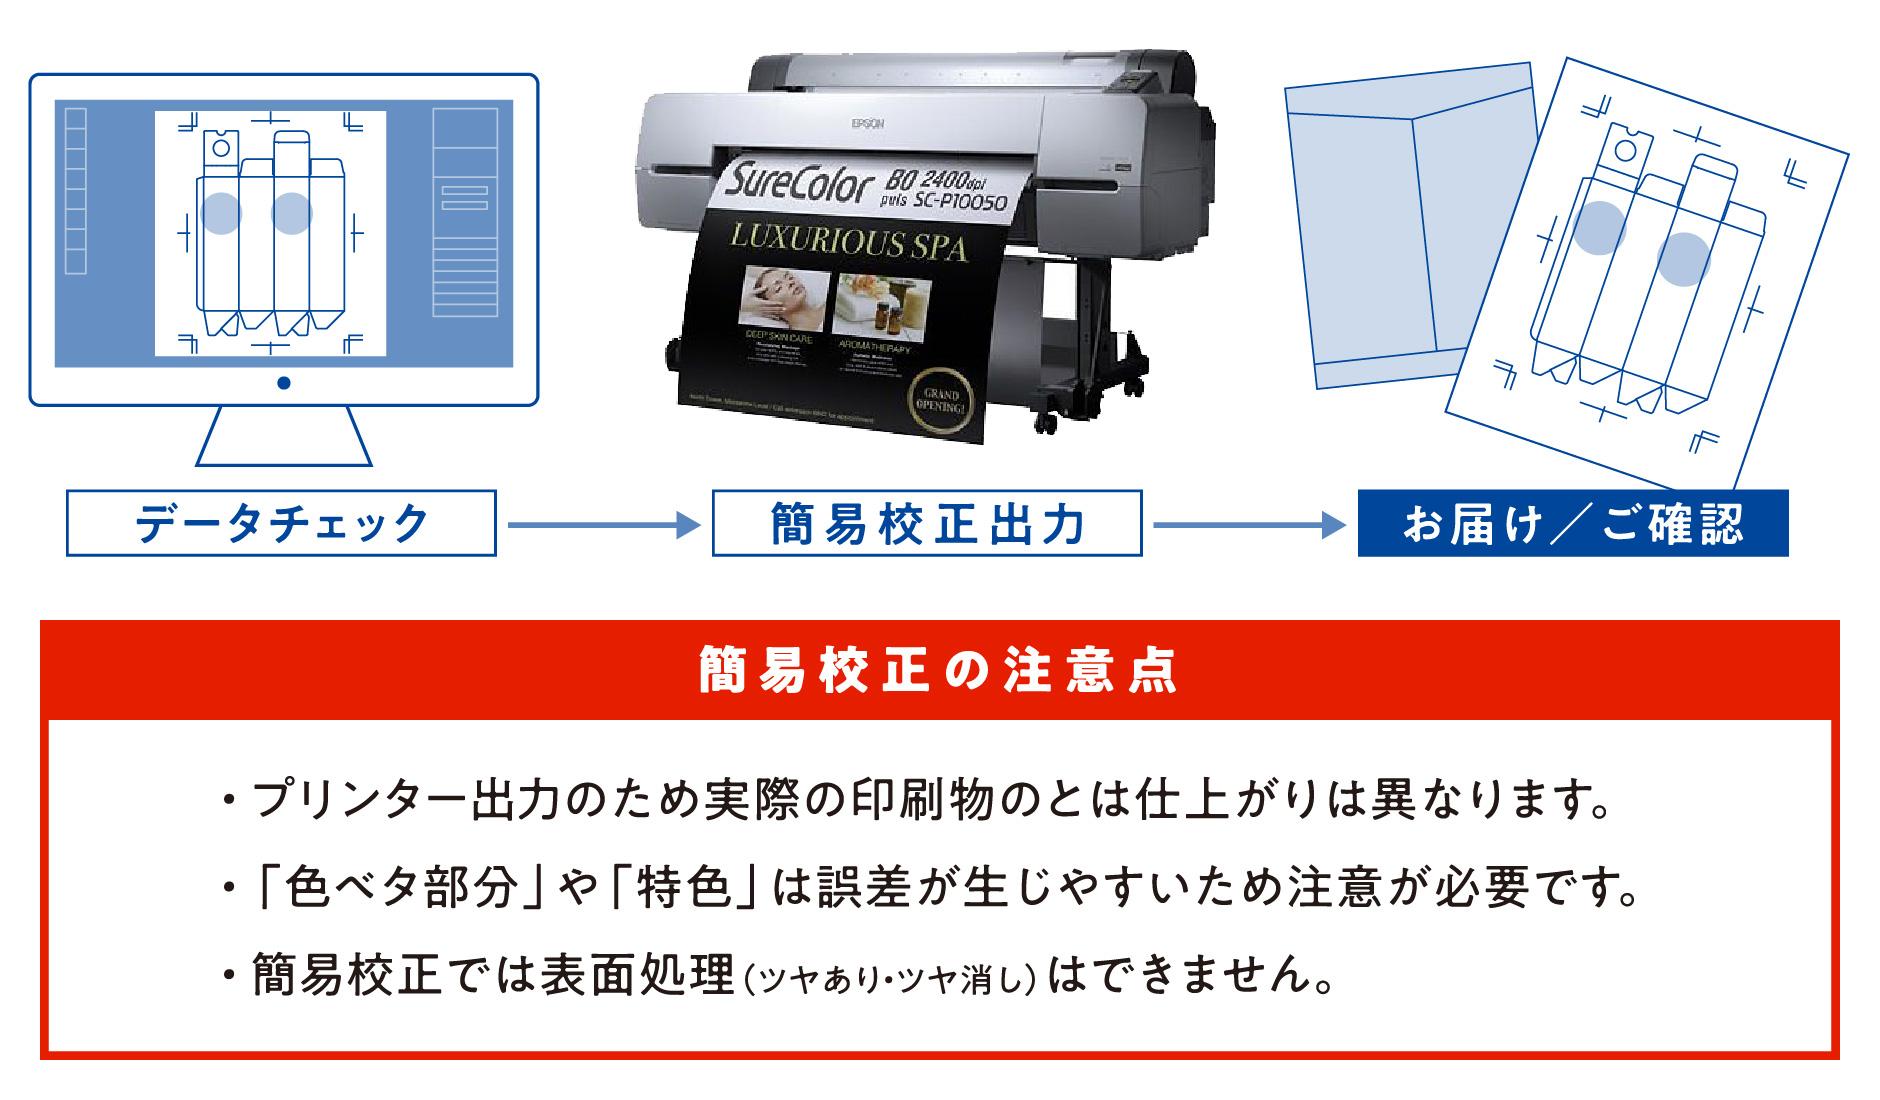 簡易校正の注意点 ・プリンター出力のため実際の印刷物のとは仕上がりは異なります。 ・「色ベタ部分」や「特色」は誤差が生じやすいため注意が必要です。 ・簡易校正では表面処理(ツヤあり・ツヤ消し)はできません。